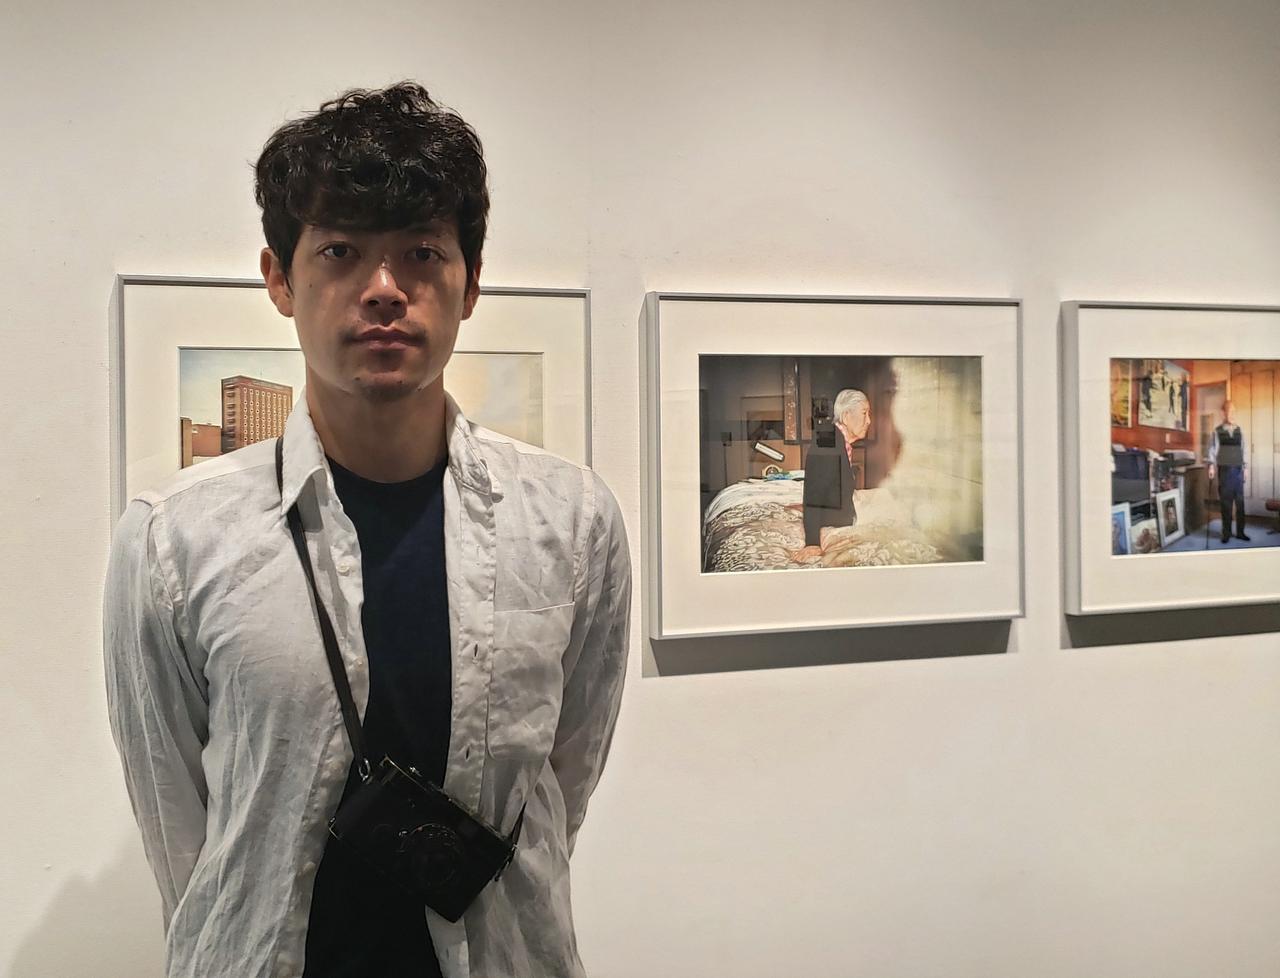 画像: 写真家の髙橋健太郎さん。 私は1941年に起きた「生活図画事件」をはじめて知りました。 本展を通じ、過去に起きていることは過去で終わりではなく、今現在でも同様のことが起こり得て、また起こり、未来にも繋がるということ、そして1人1人の身に突然何が起こるかは等しくわからないからこそ、今という日々をどのように過ごすのか、その自分の選択や心の姿勢が本当に問われていることを、今まで知らずにいたことを「知る」ことの大切さをあらためて感じました。